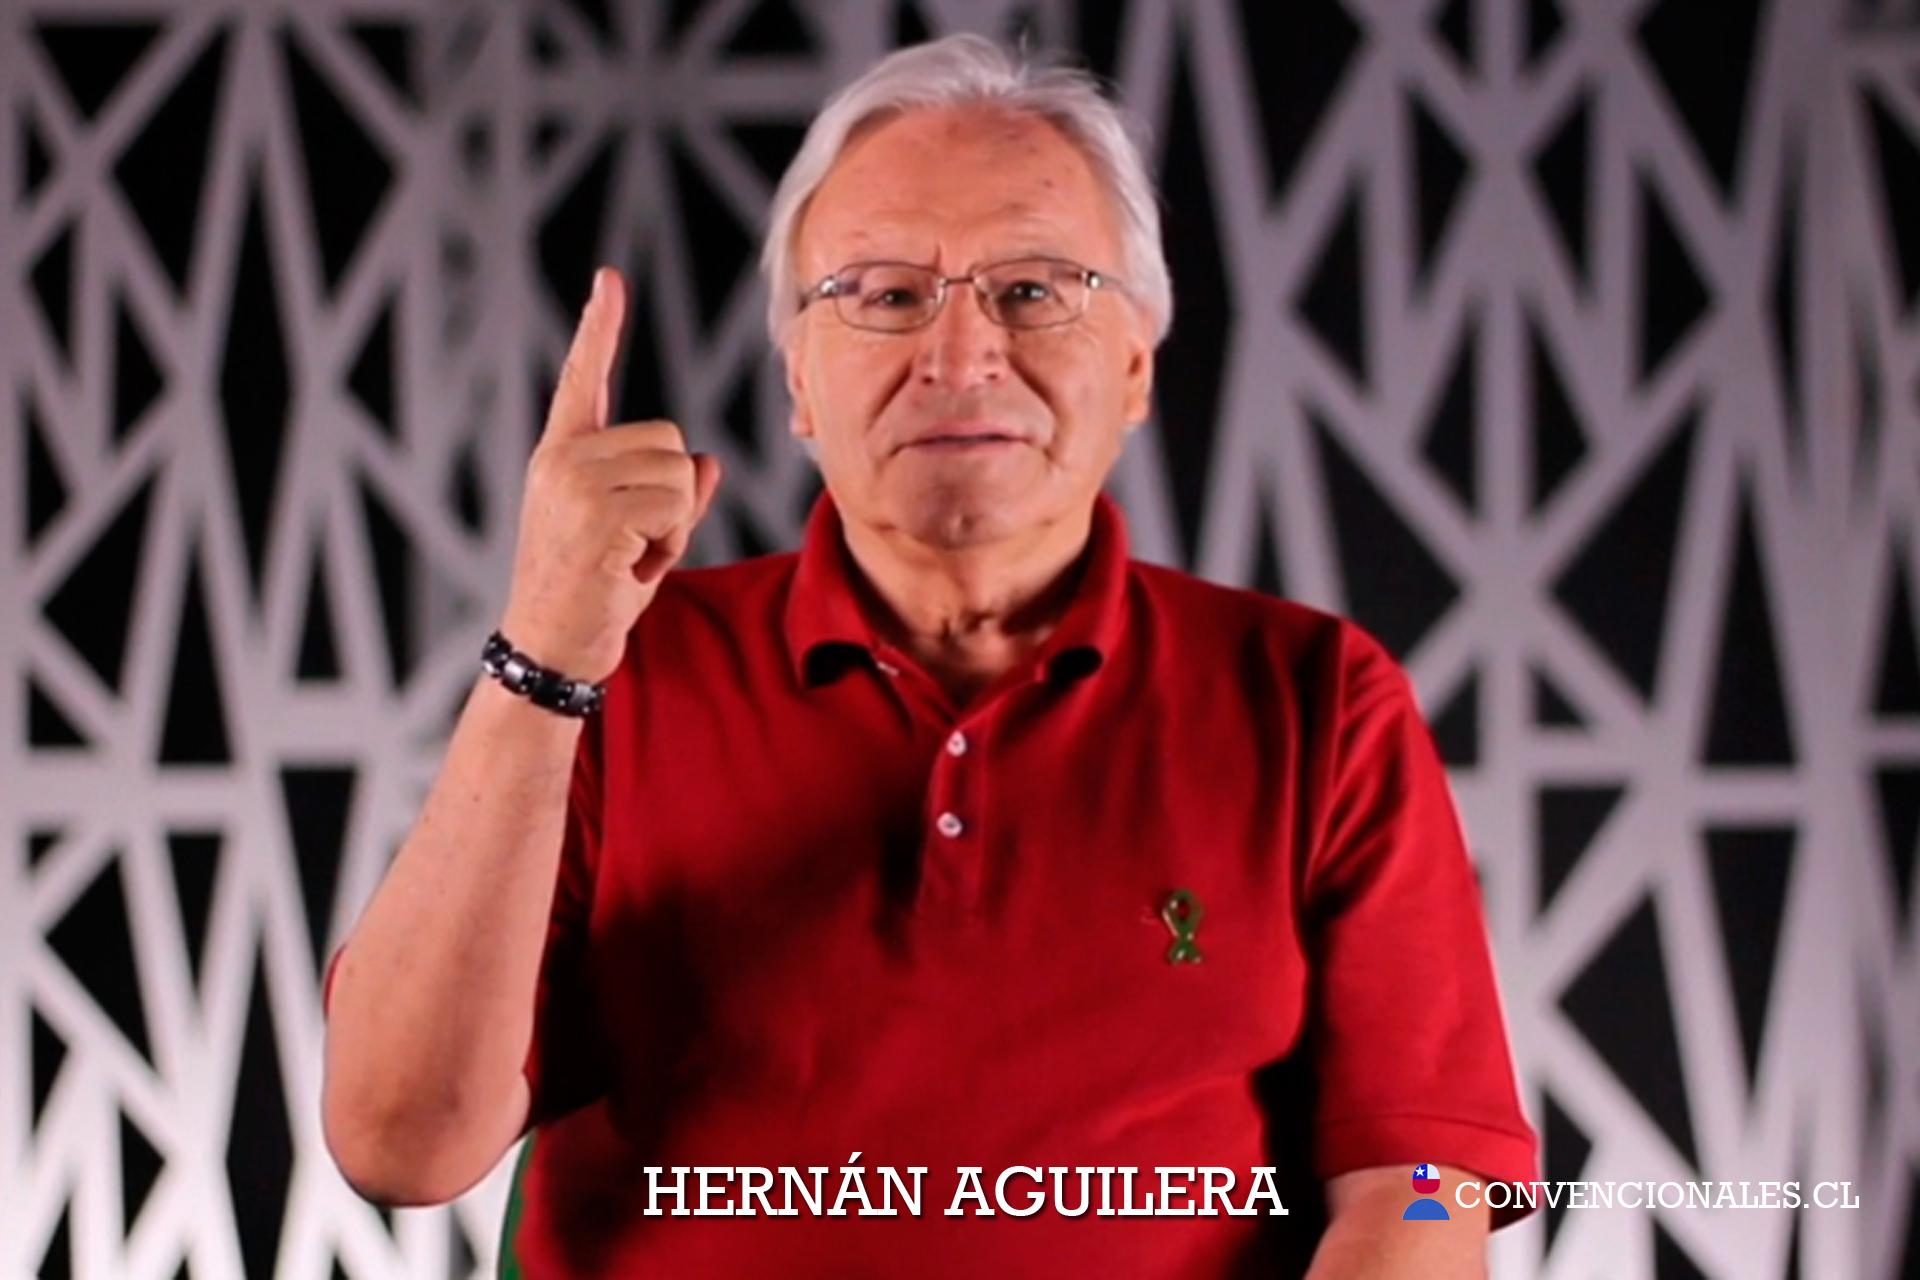 Hernán Aguilera Calderón